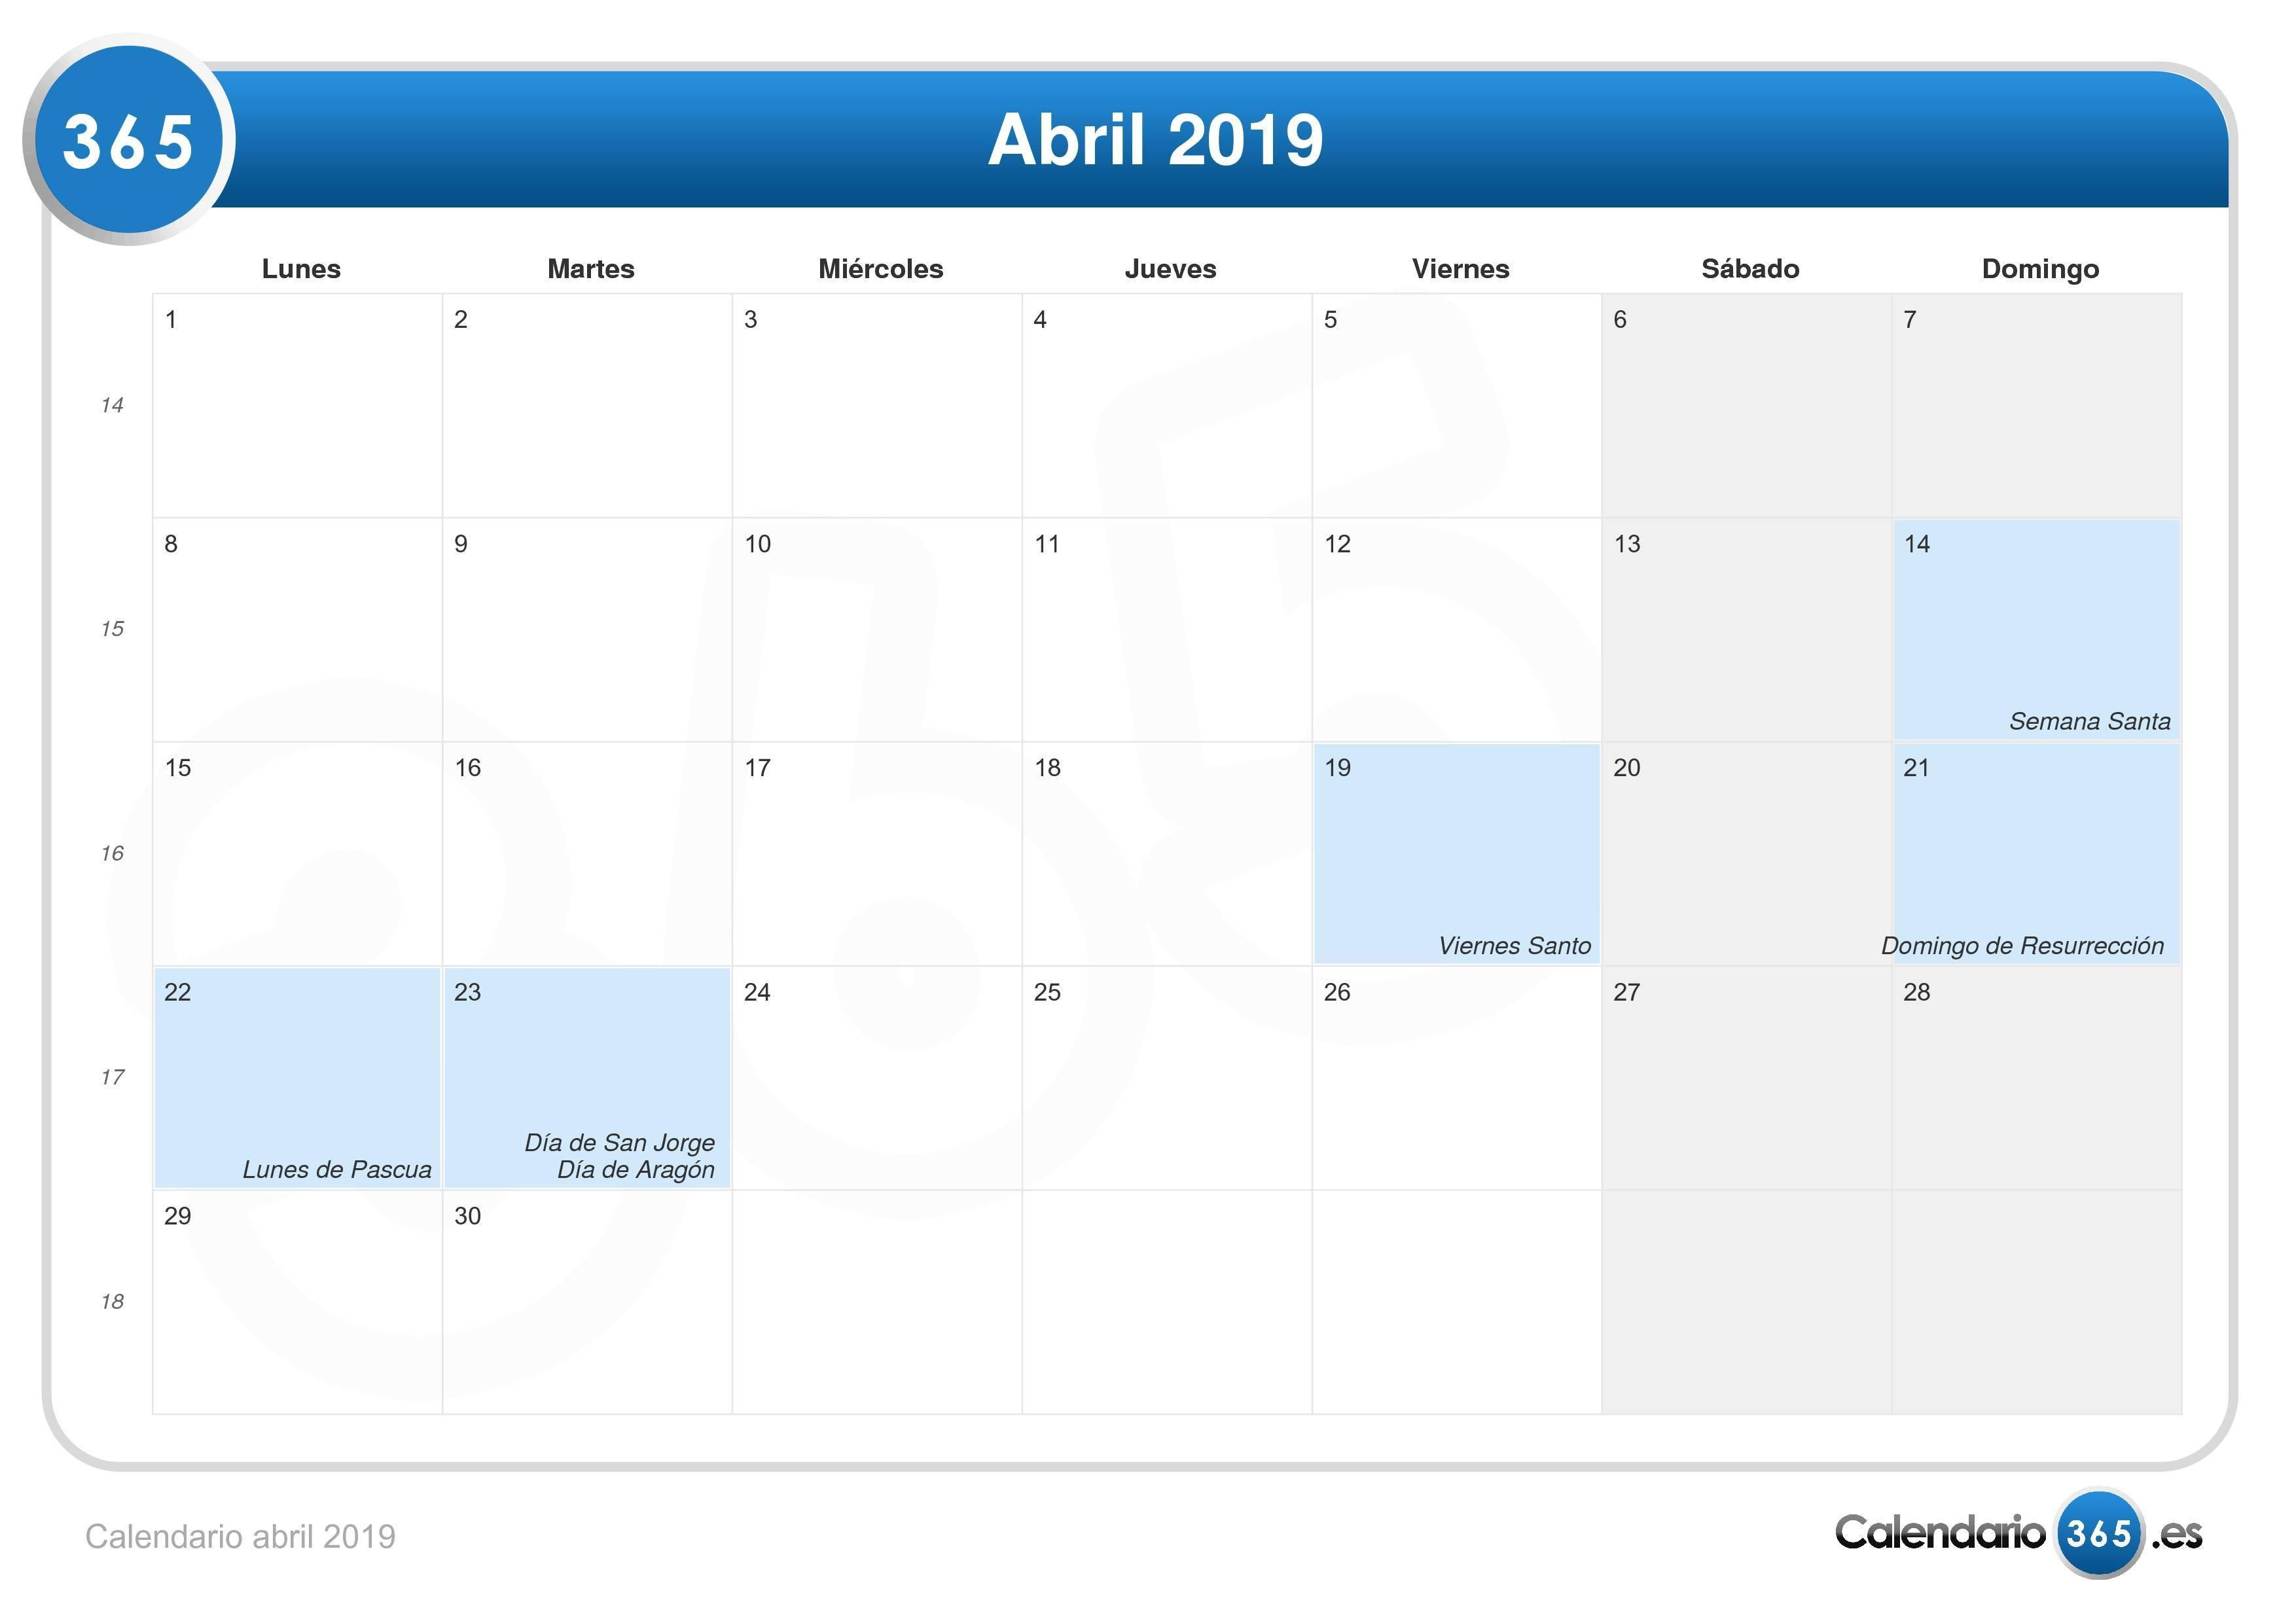 Imprimir Calendario 2019 Uruguay Más Recientemente Liberado Calendario Abril 2019 Of Imprimir Calendario 2019 Uruguay Más Actual Carnaval De Santa Cruz De Tenerife – Carnaval De Santa Cruz De Tenerife